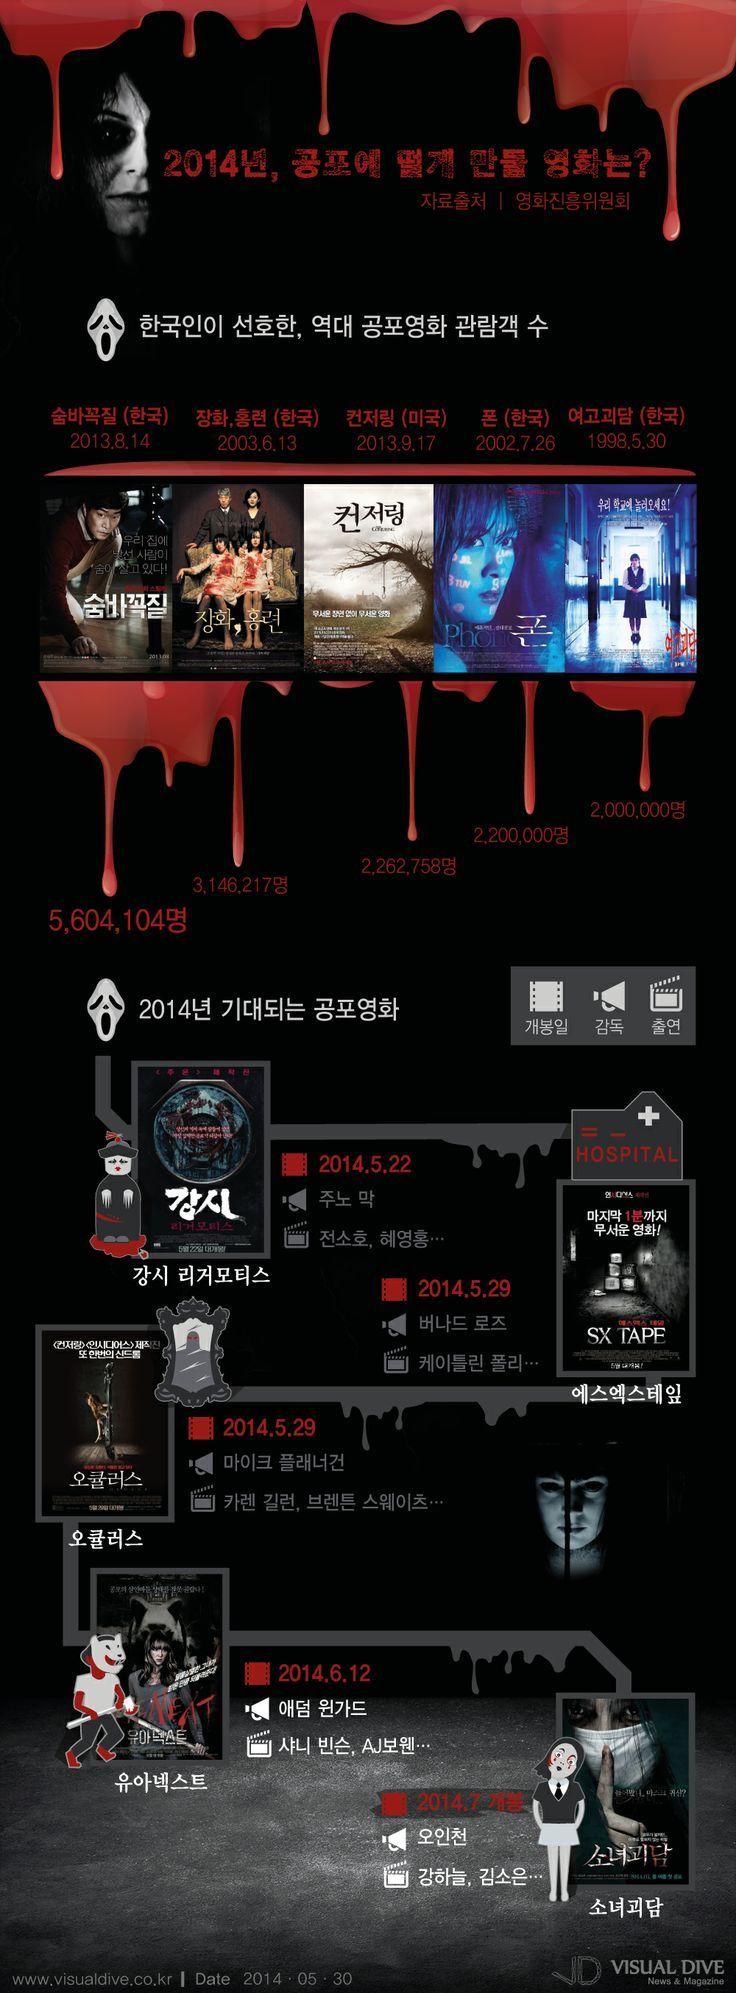 올 여름 공포영화… '오큘러스', '에스엑스 테잎' 기이한 현상 속 공포 [인포그래픽] #entertainment / #Infographic ⓒ 비주얼다이브 무단 복사·전재·재배포 금지: